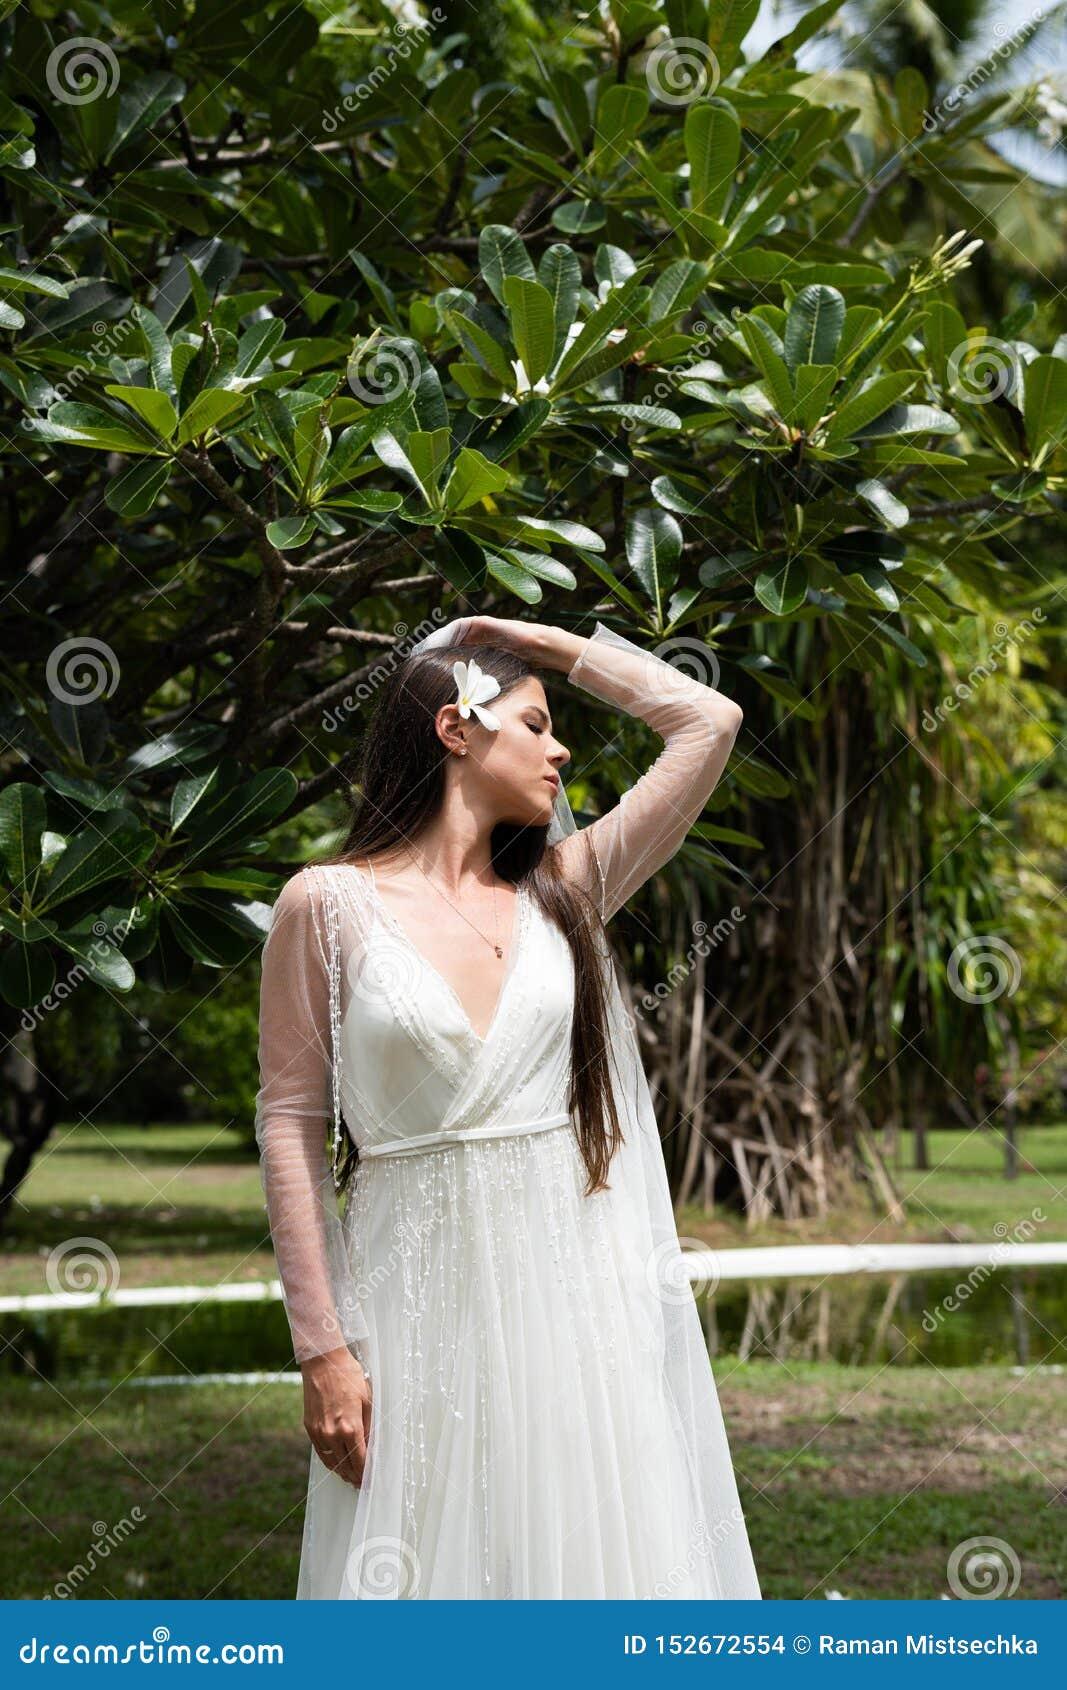 Μια νύφη σε ένα άσπρο φόρεμα με ένα εξωτικό λουλούδι στην τρίχα της στέκεται κάτω από ένα ανθίζοντας τροπικό δέντρο